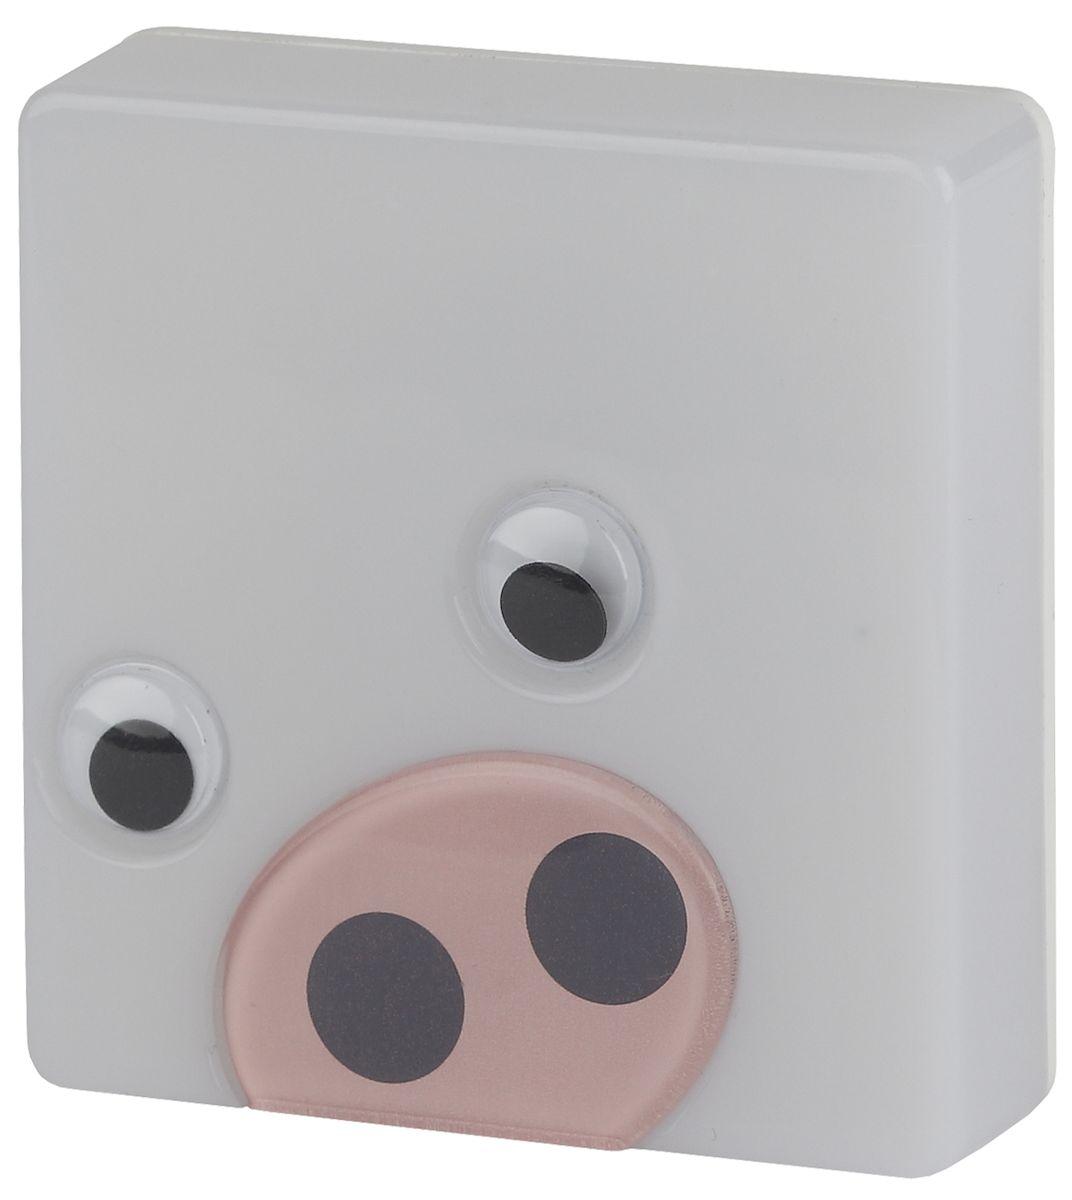 Ночник ЭРА NN-631-LS-P, цвет: розовыйNN-631-LS-PНочник со светодиодами (LED) в качестве источников света. C сенсором (включается автоматически, когда становится темно). Со съемной насадкой с накладными элементами. Без насадки ночник можно использовать как обычный ночник нейтрального дизайна. Блистерная упаковка с открытой вилкой.